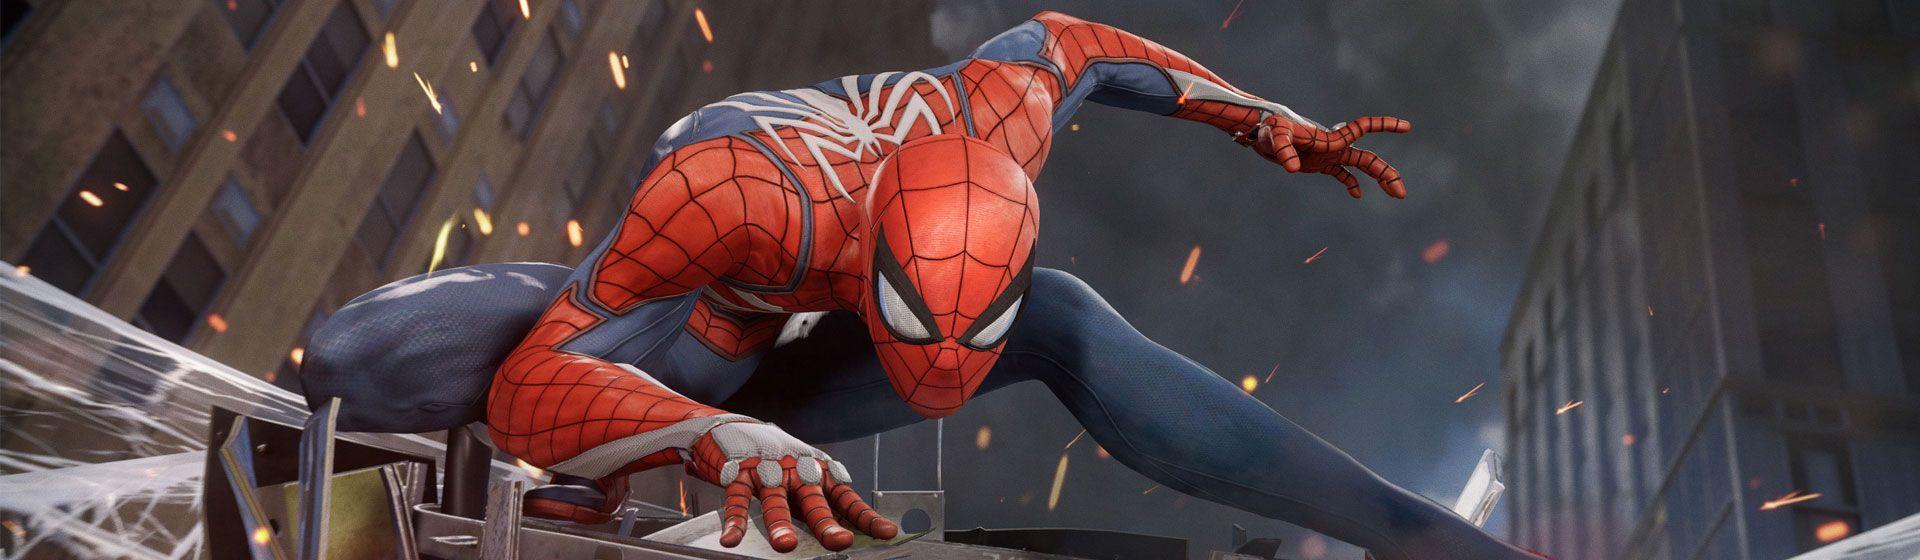 Jogo do Homem-Aranha: os 10 melhores games com o herói